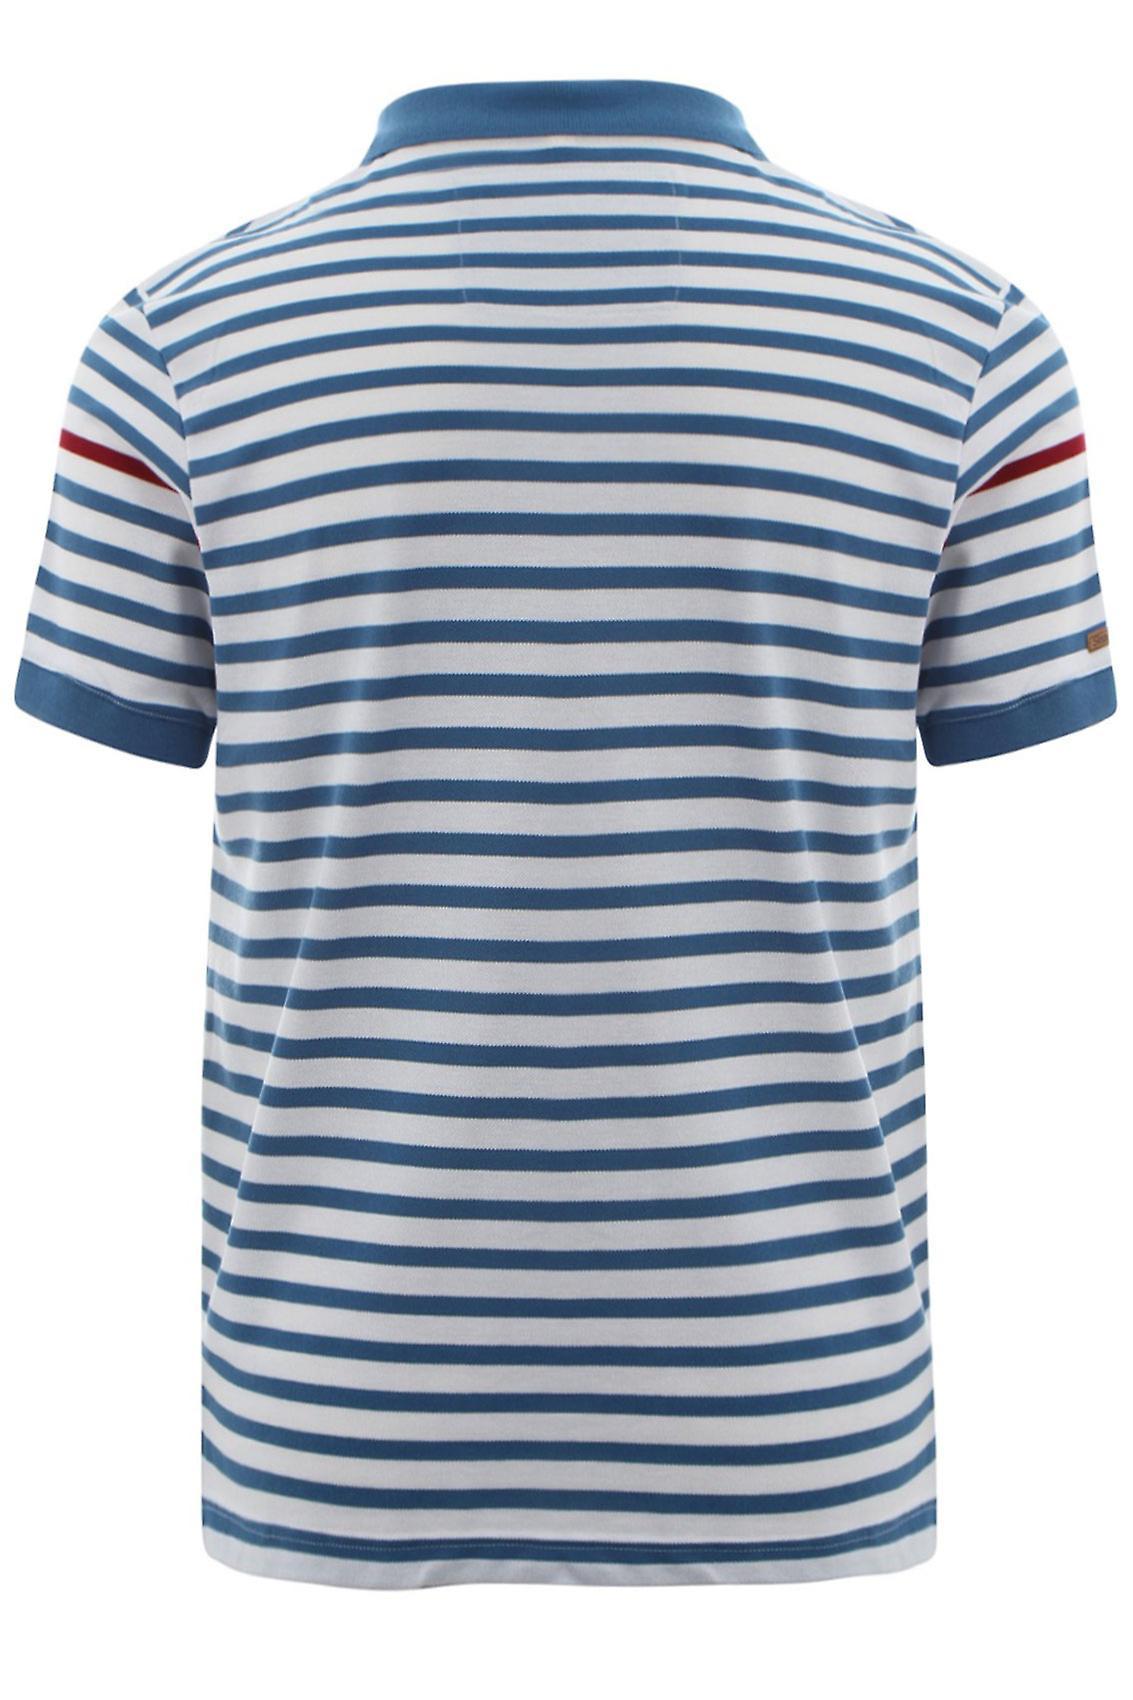 White & Blue Slazenger Vintage Short Sleeve  Polo Shirt